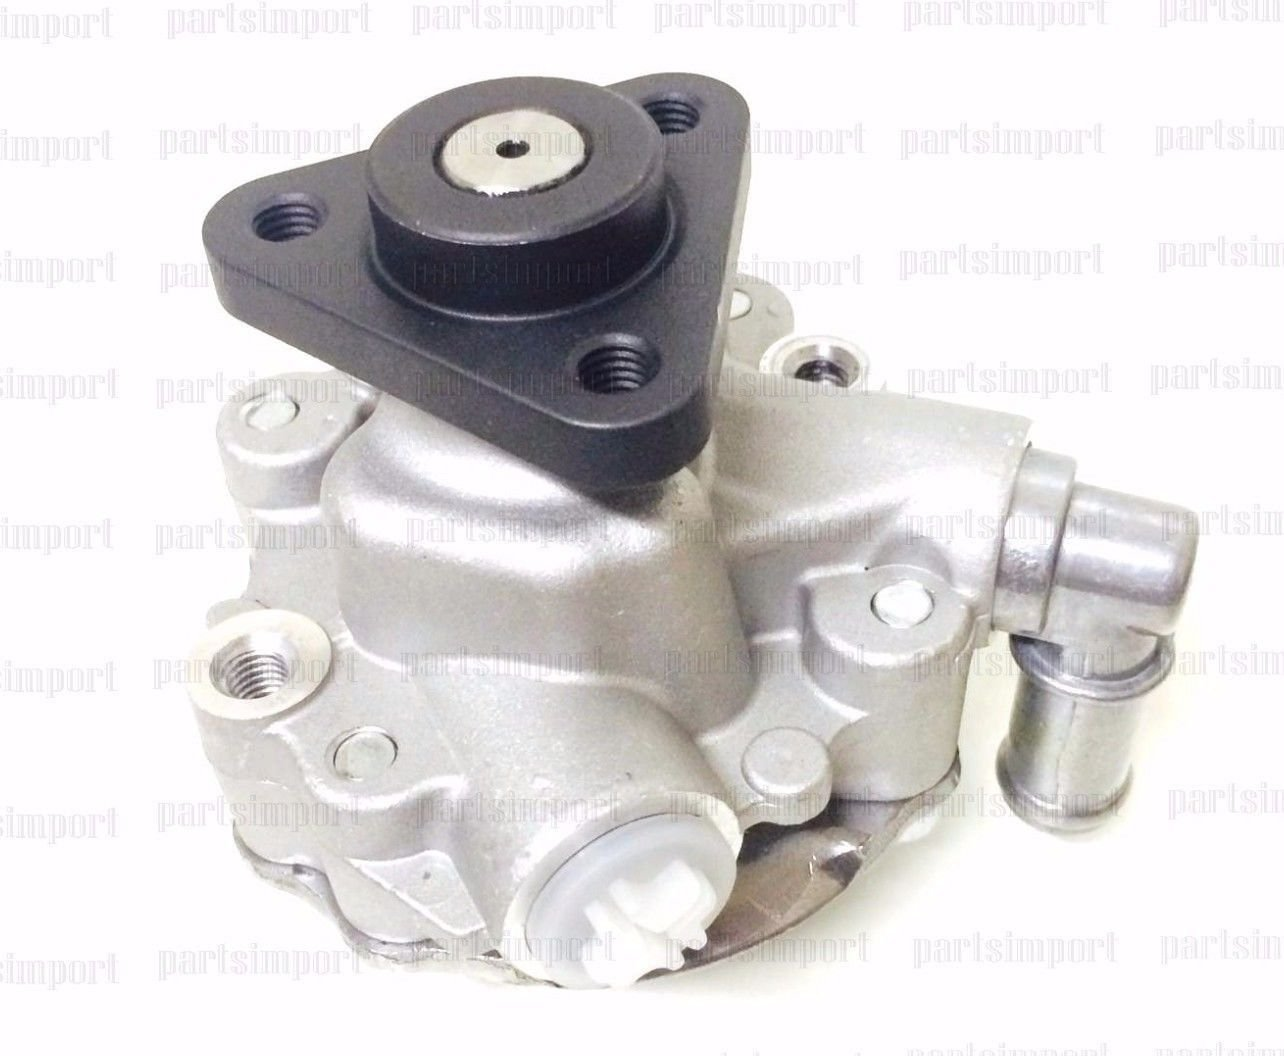 Power Steering Pump BMW E46 00-05 323Ci 323i 325Ci 325i 328Ci 328i 330Ci 330i